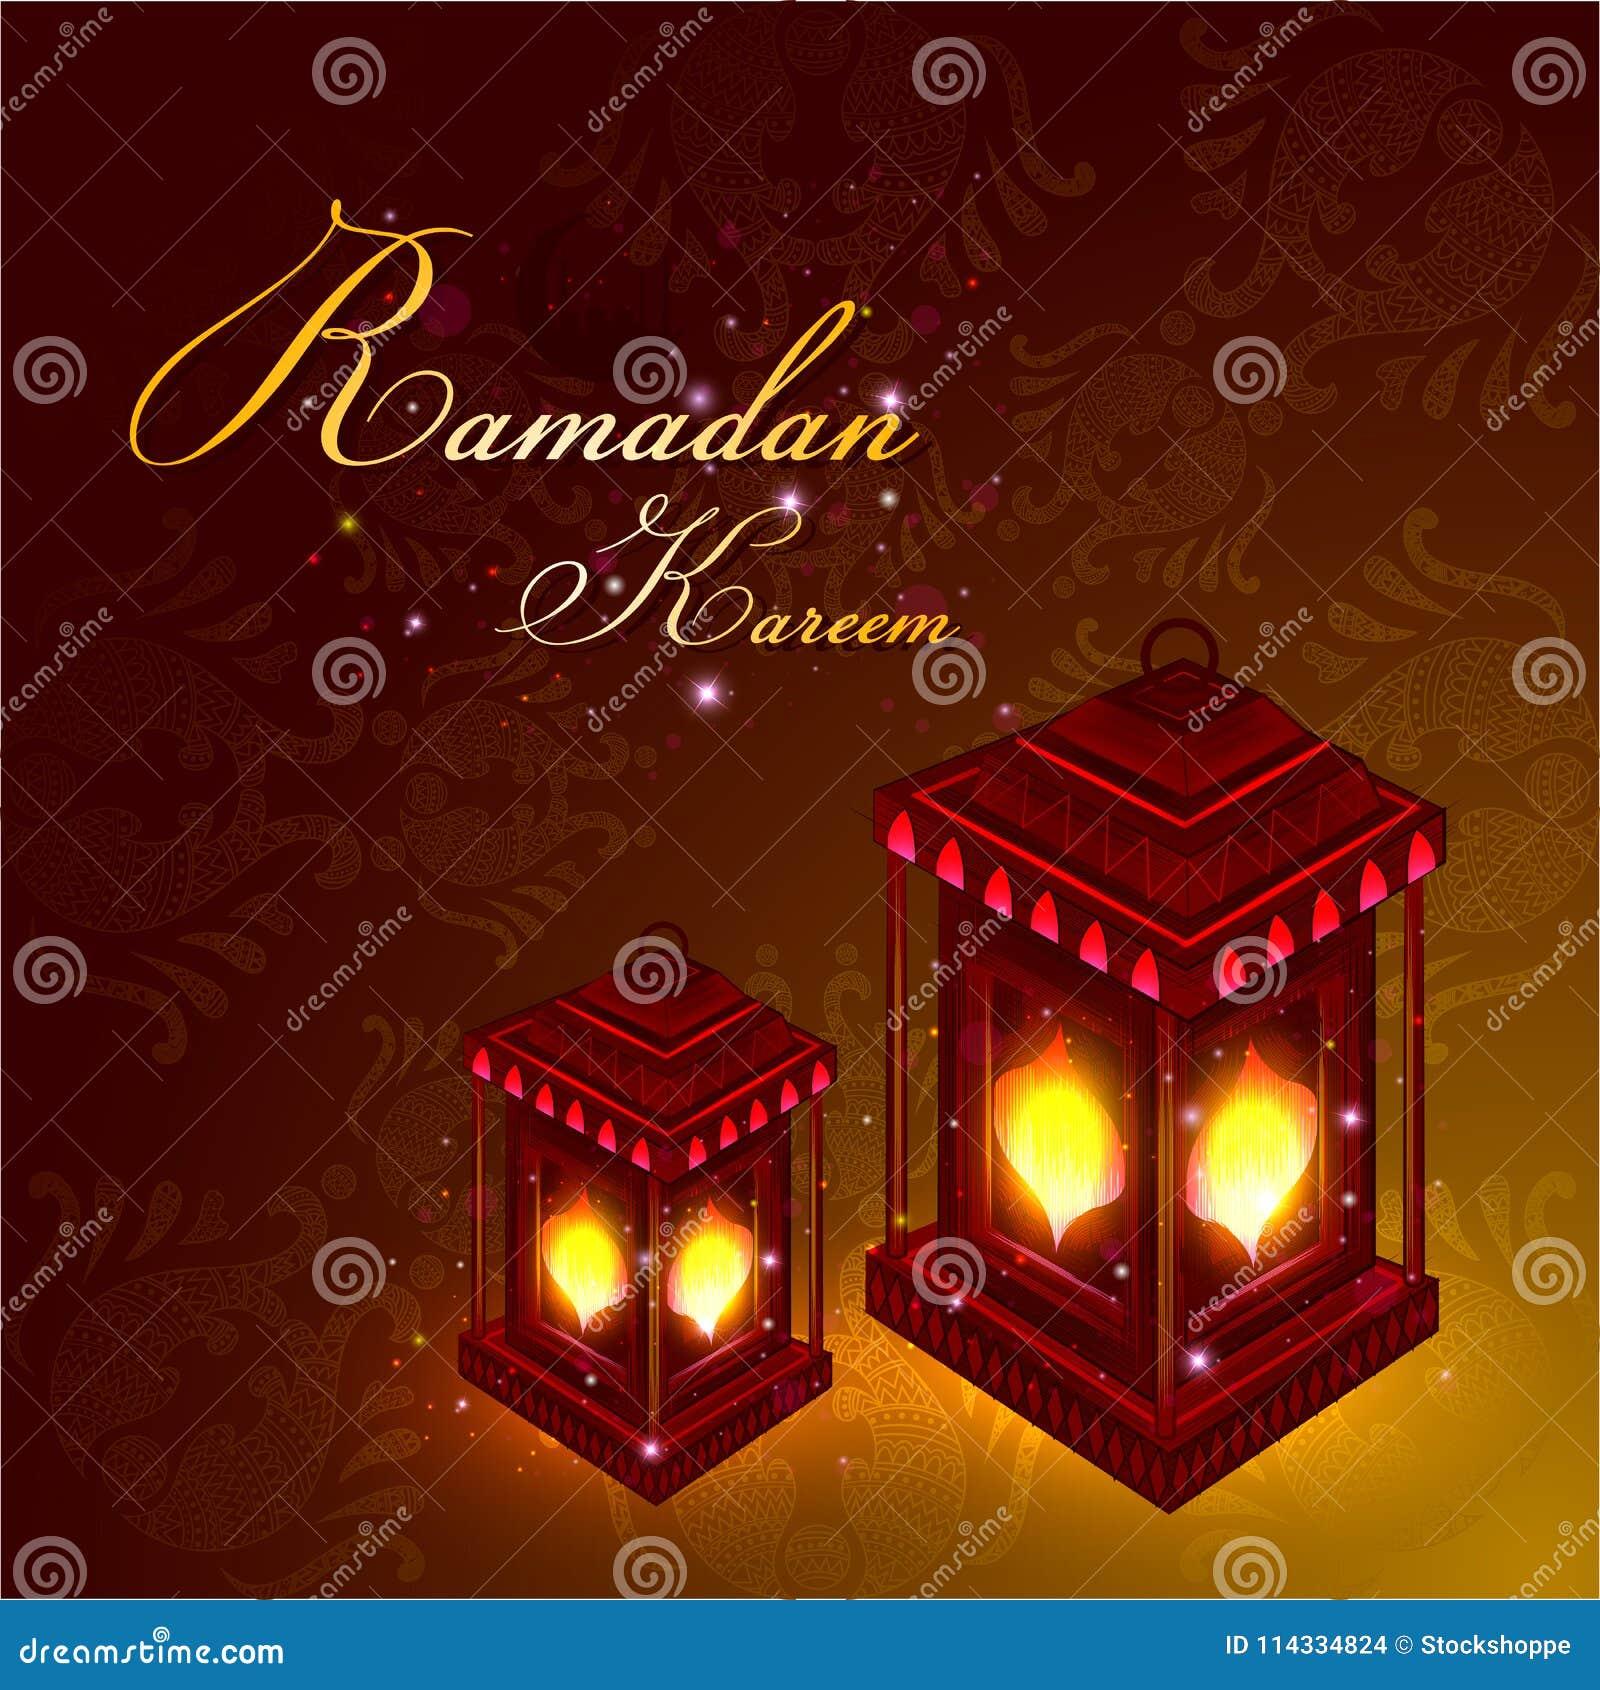 Illuminated lamp for ramadan kareem greetings for ramadan background illuminated lamp for ramadan kareem greetings for ramadan background m4hsunfo